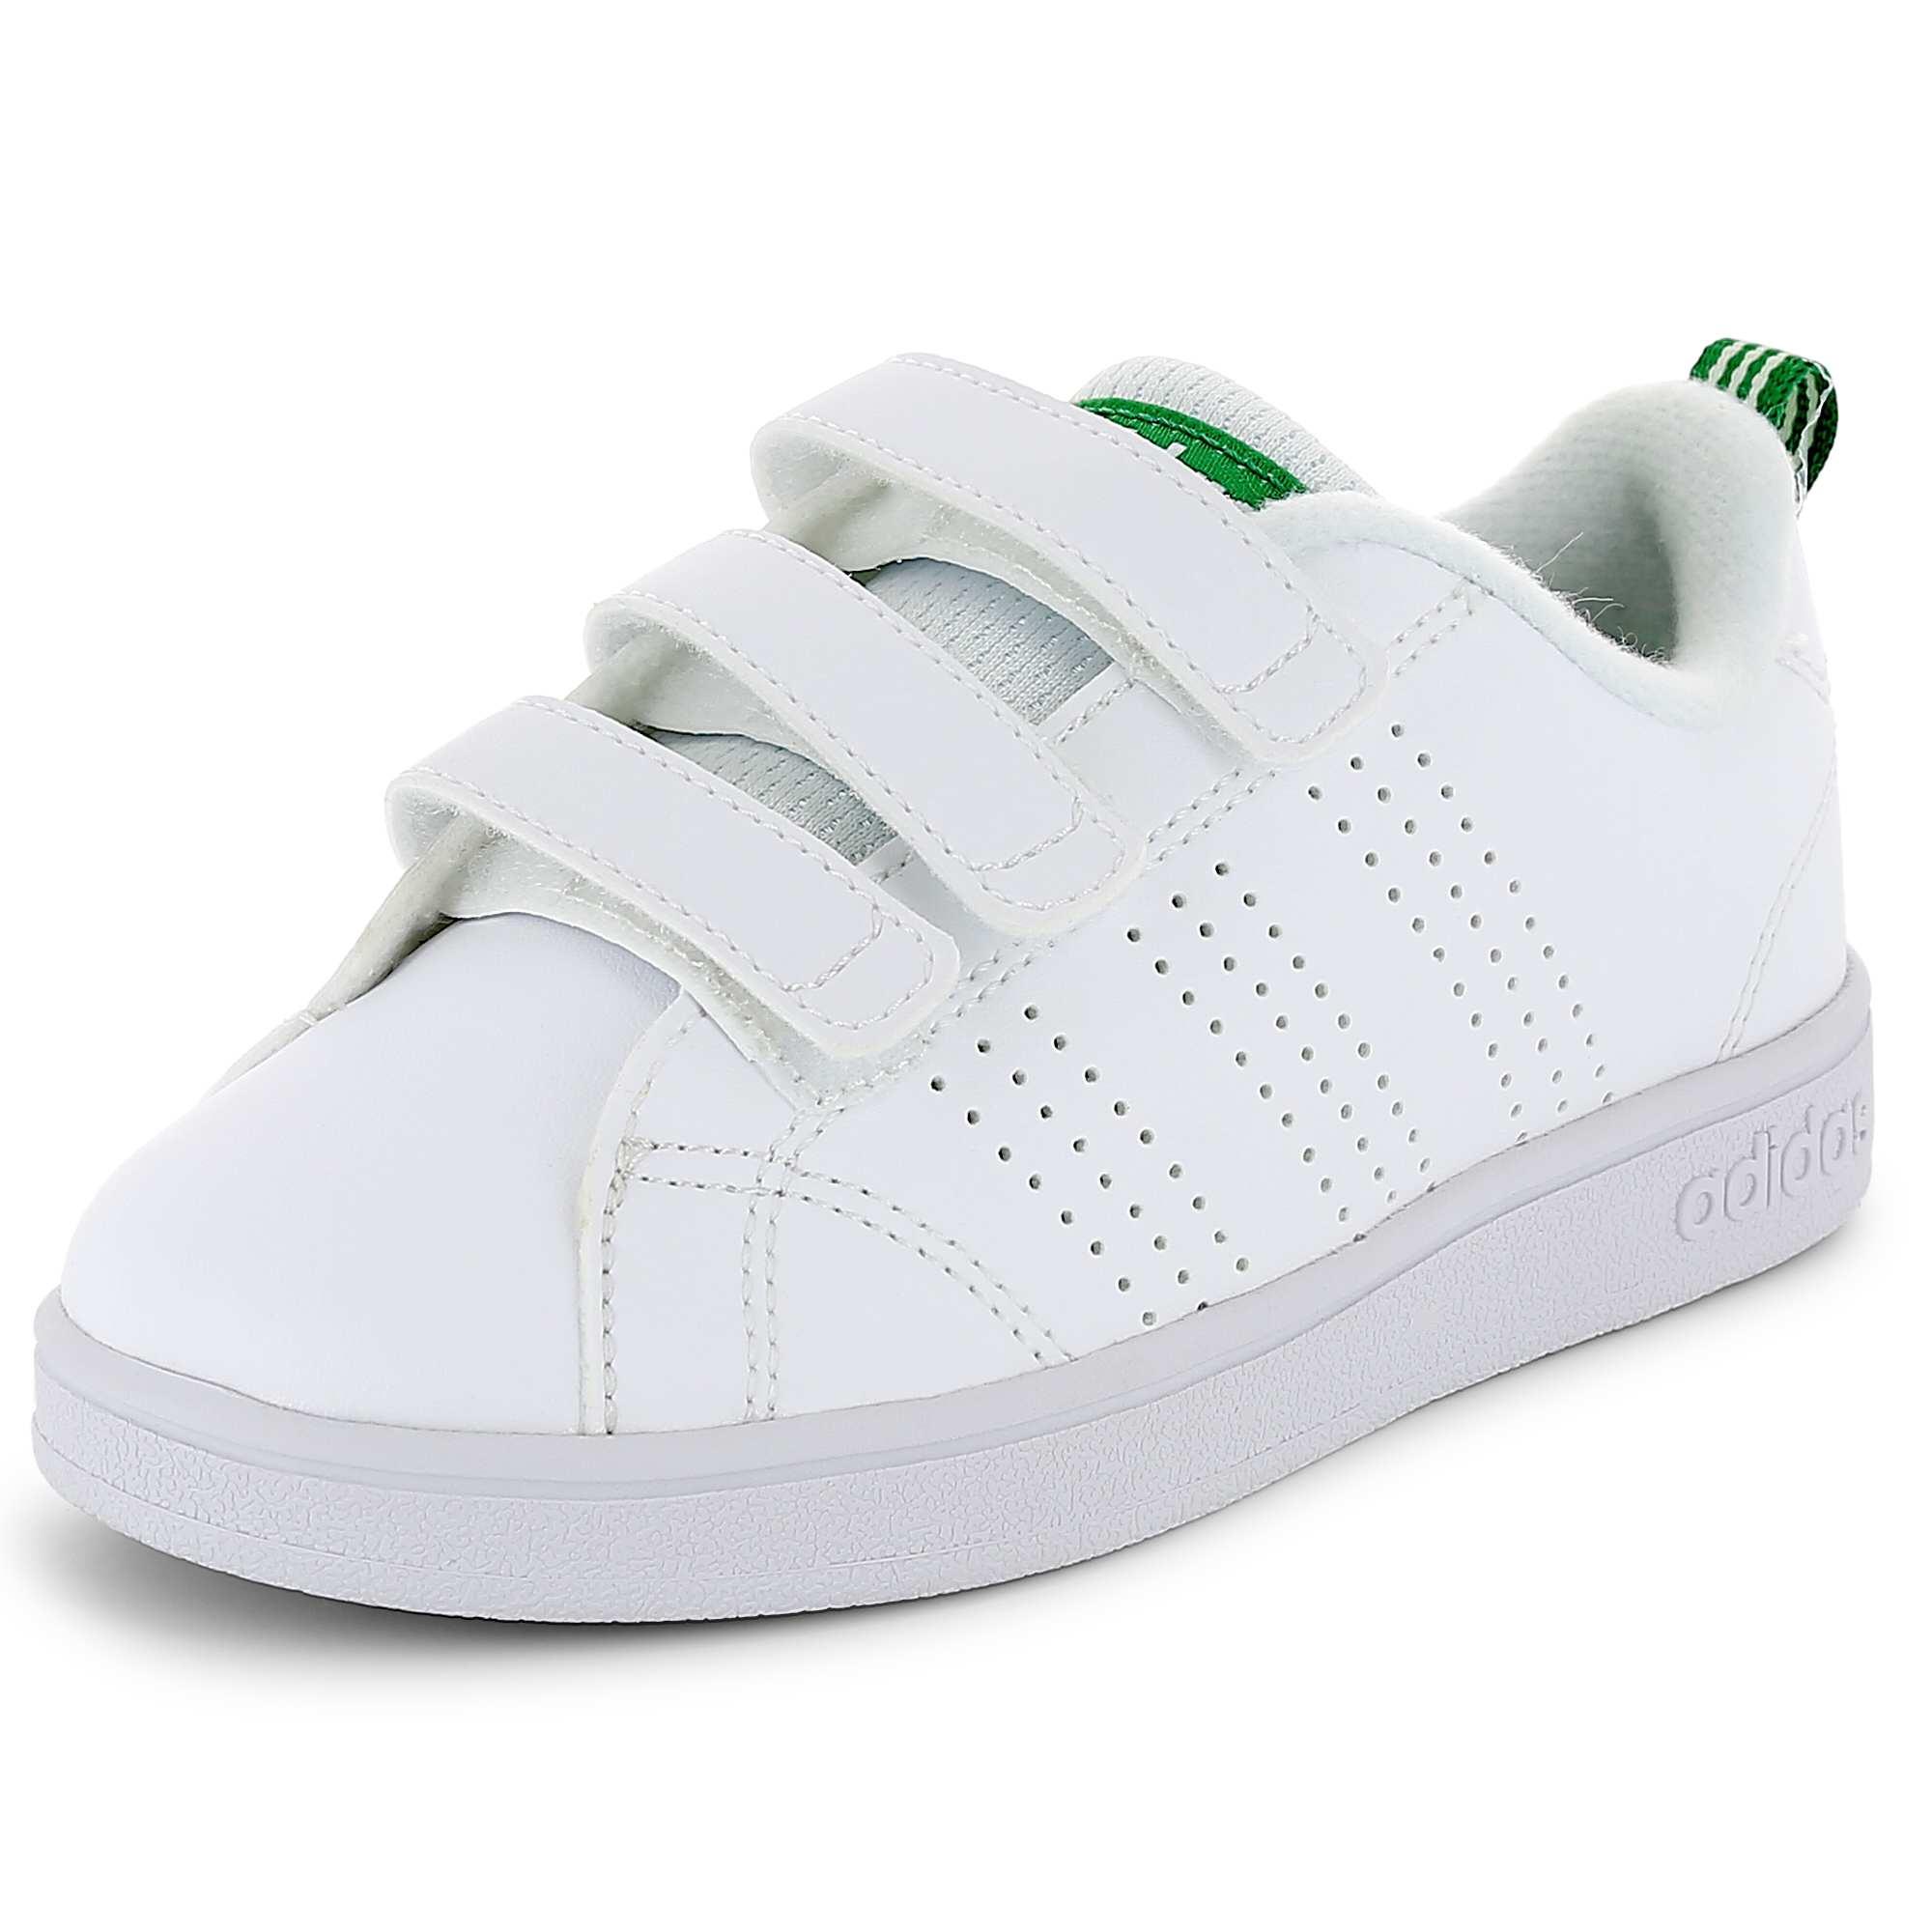 scarpe da ginnastica da bambino adidas